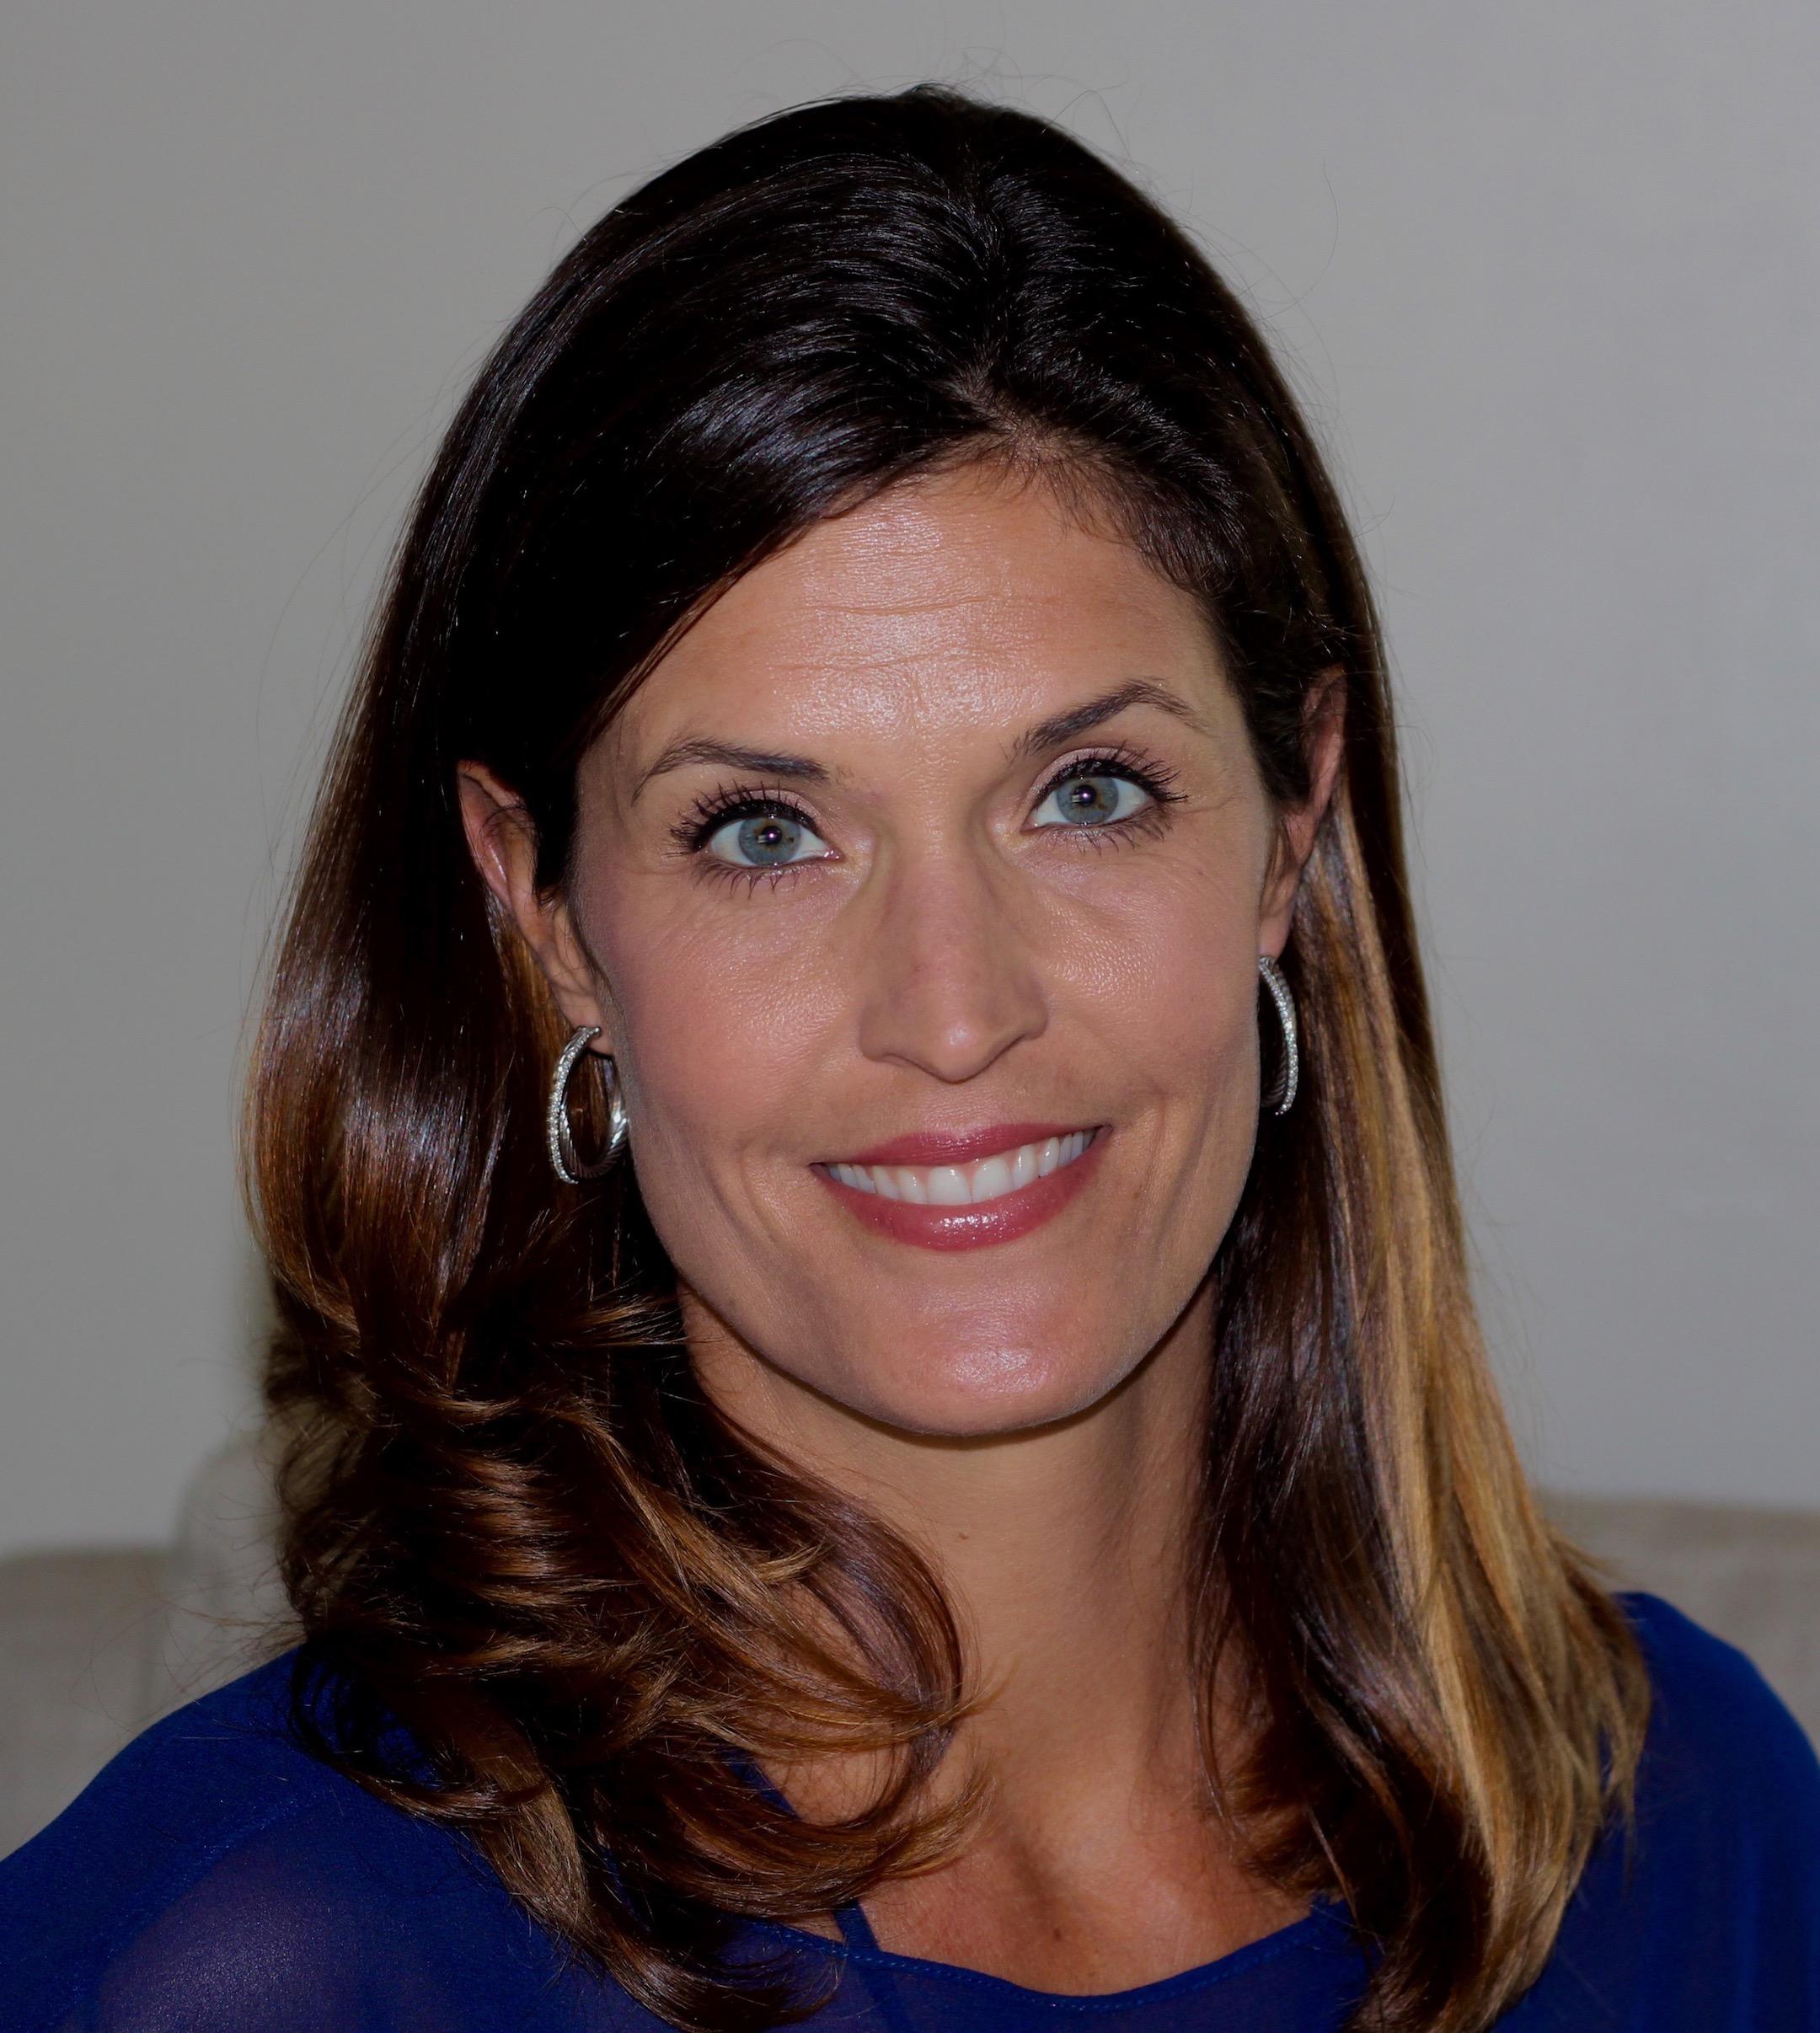 Alyssa Gallagher